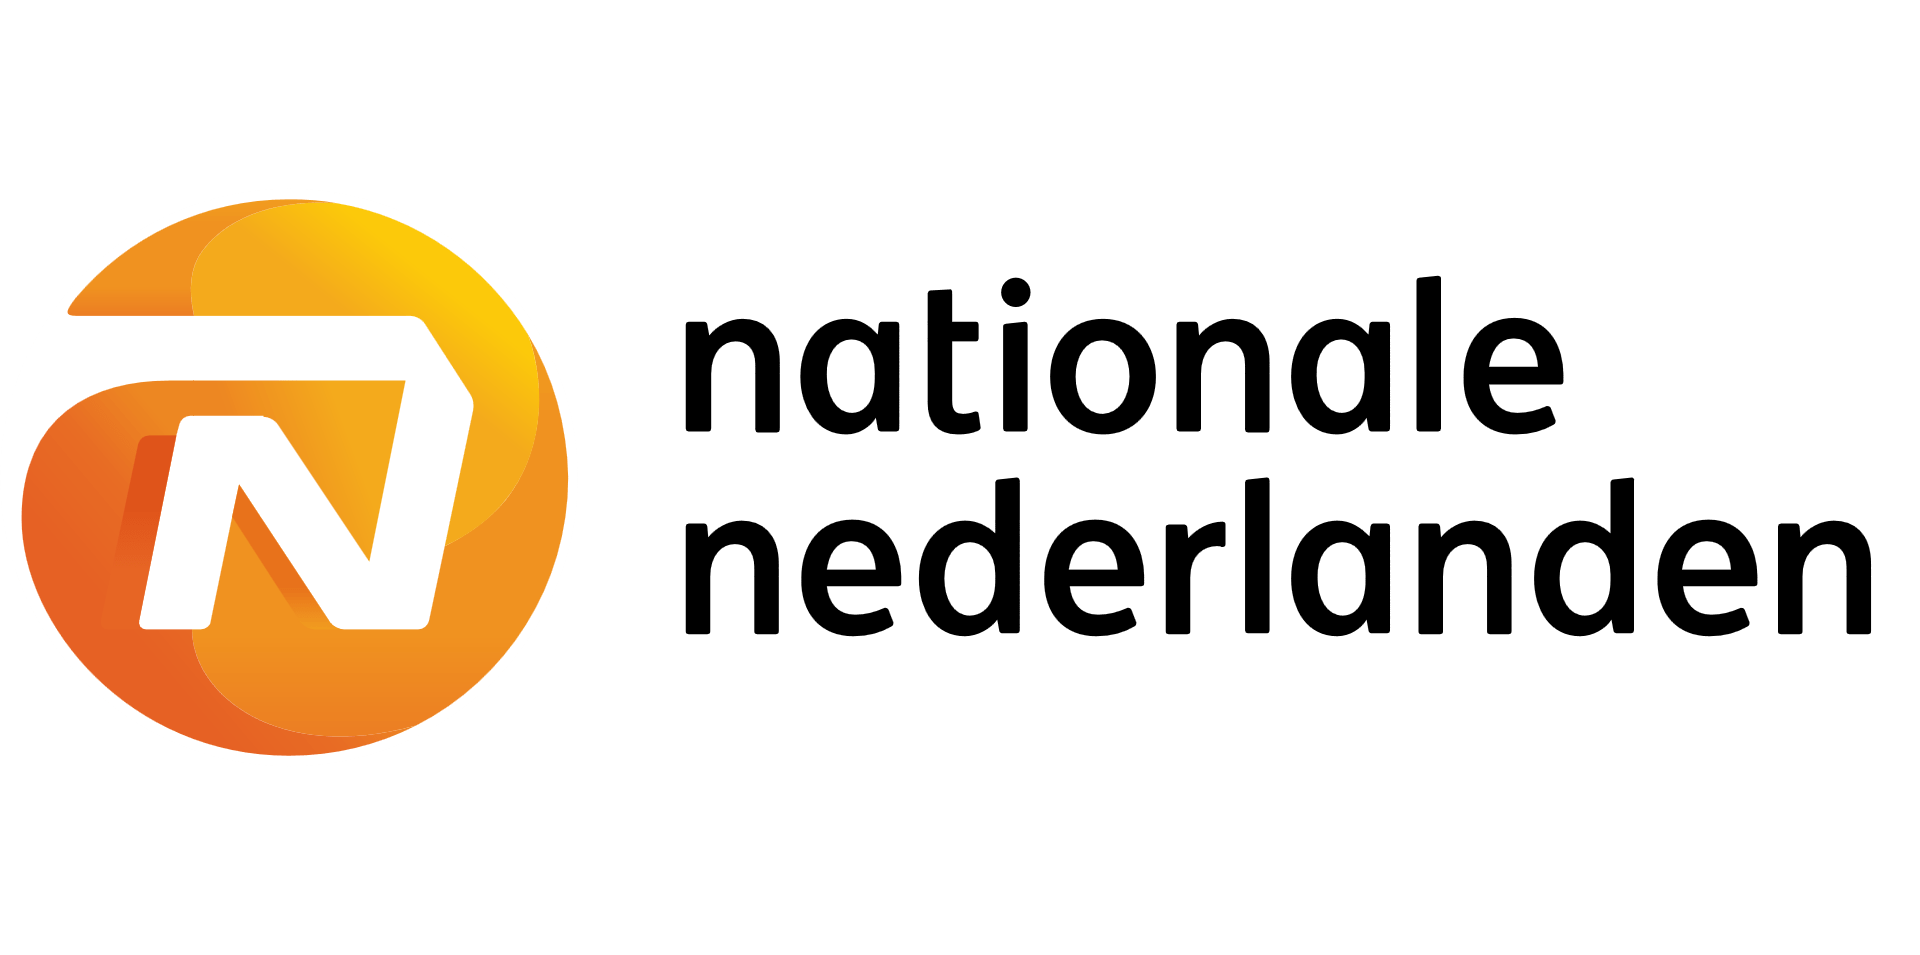 nationale nederlanden verzekeringen